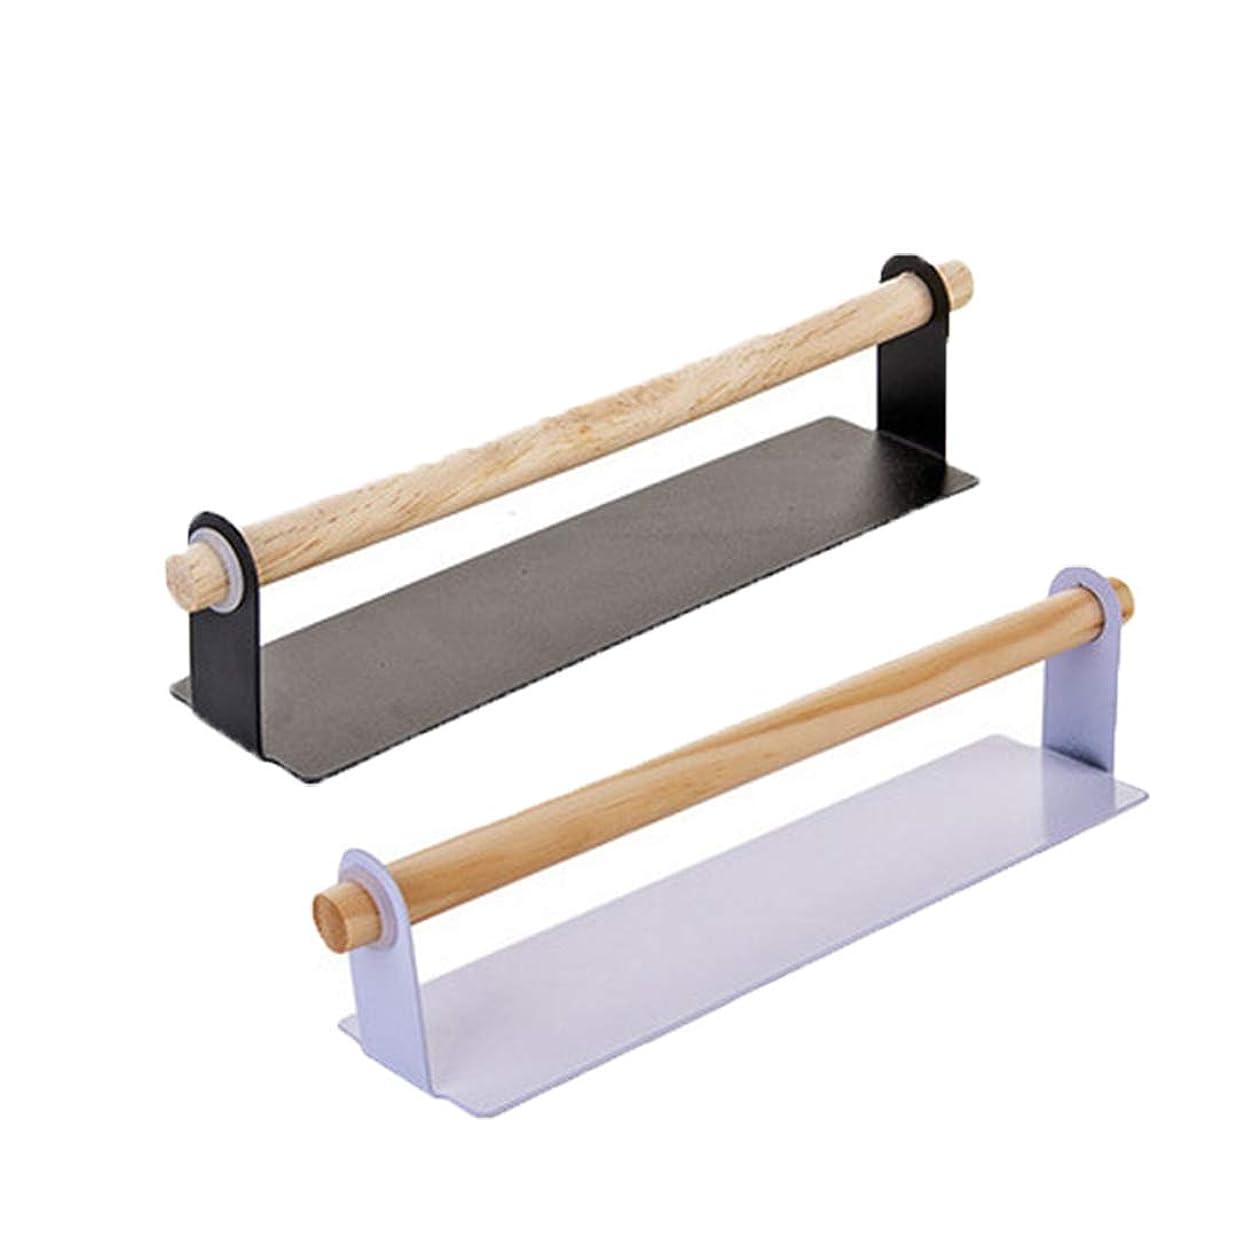 ミリメーター要求する絶縁する11インチタオルバーシングルタオルラック キッチン バスルーム用 取り外し可能 木製ペーパータオルホルダー ドリル不要 壁取り付け タオルホルダー ロールオーガナイザー (2個)